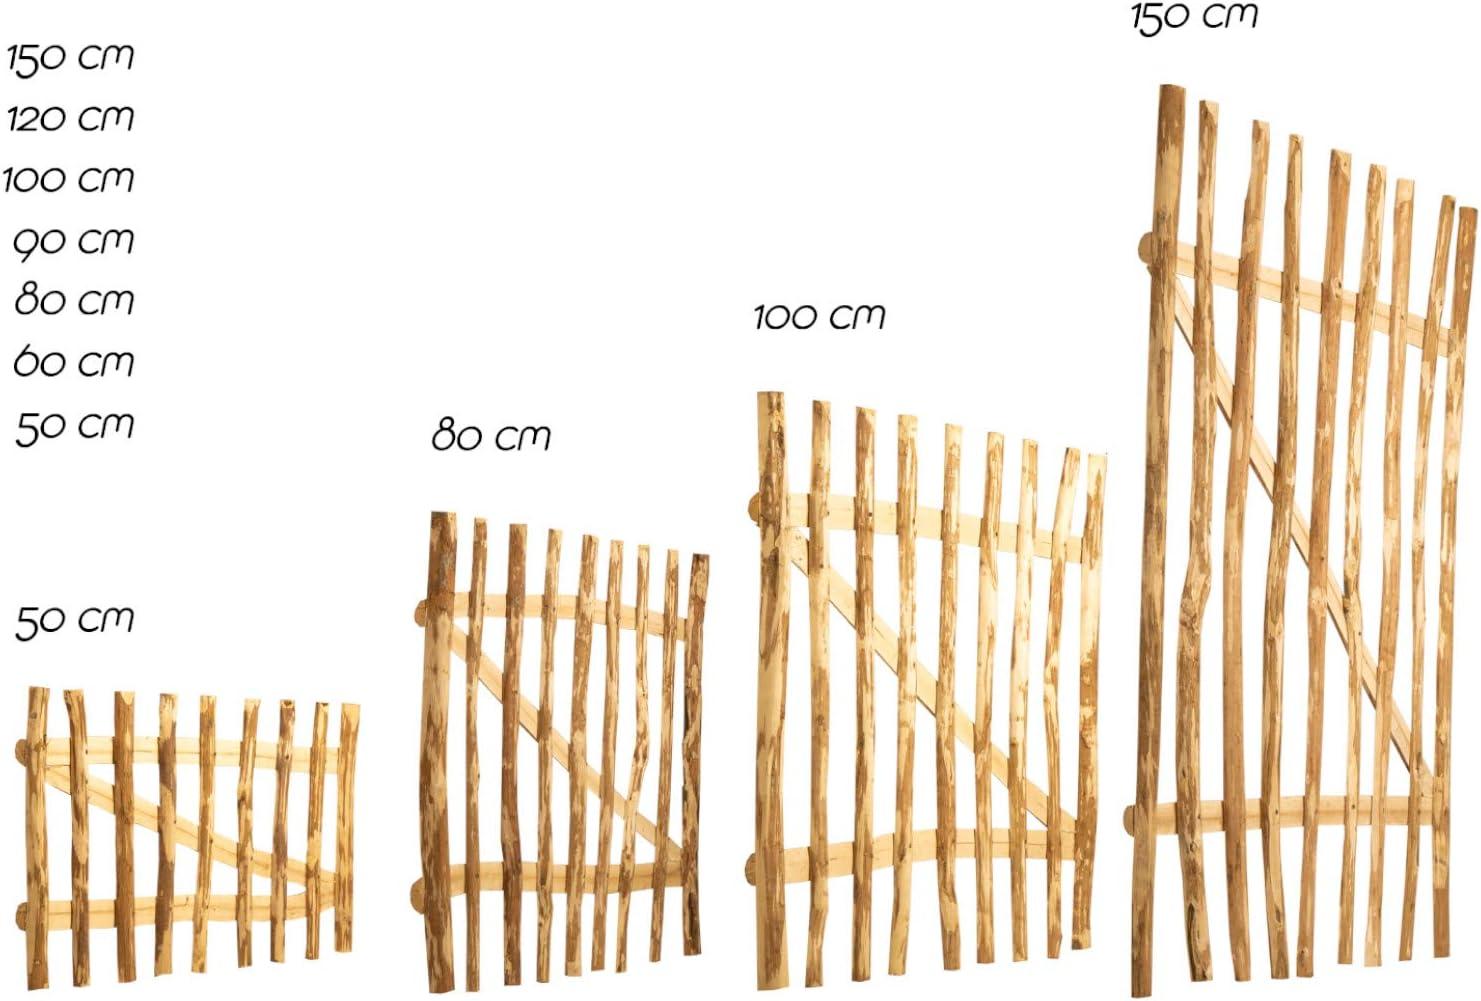 BOOGARDI/Puerta de jard/ín en 7/tama/ños de avellano,/valla para jard/ín valla para campesinos valla de casta/ño que incluyeaccesorios. valla de estacas en punta